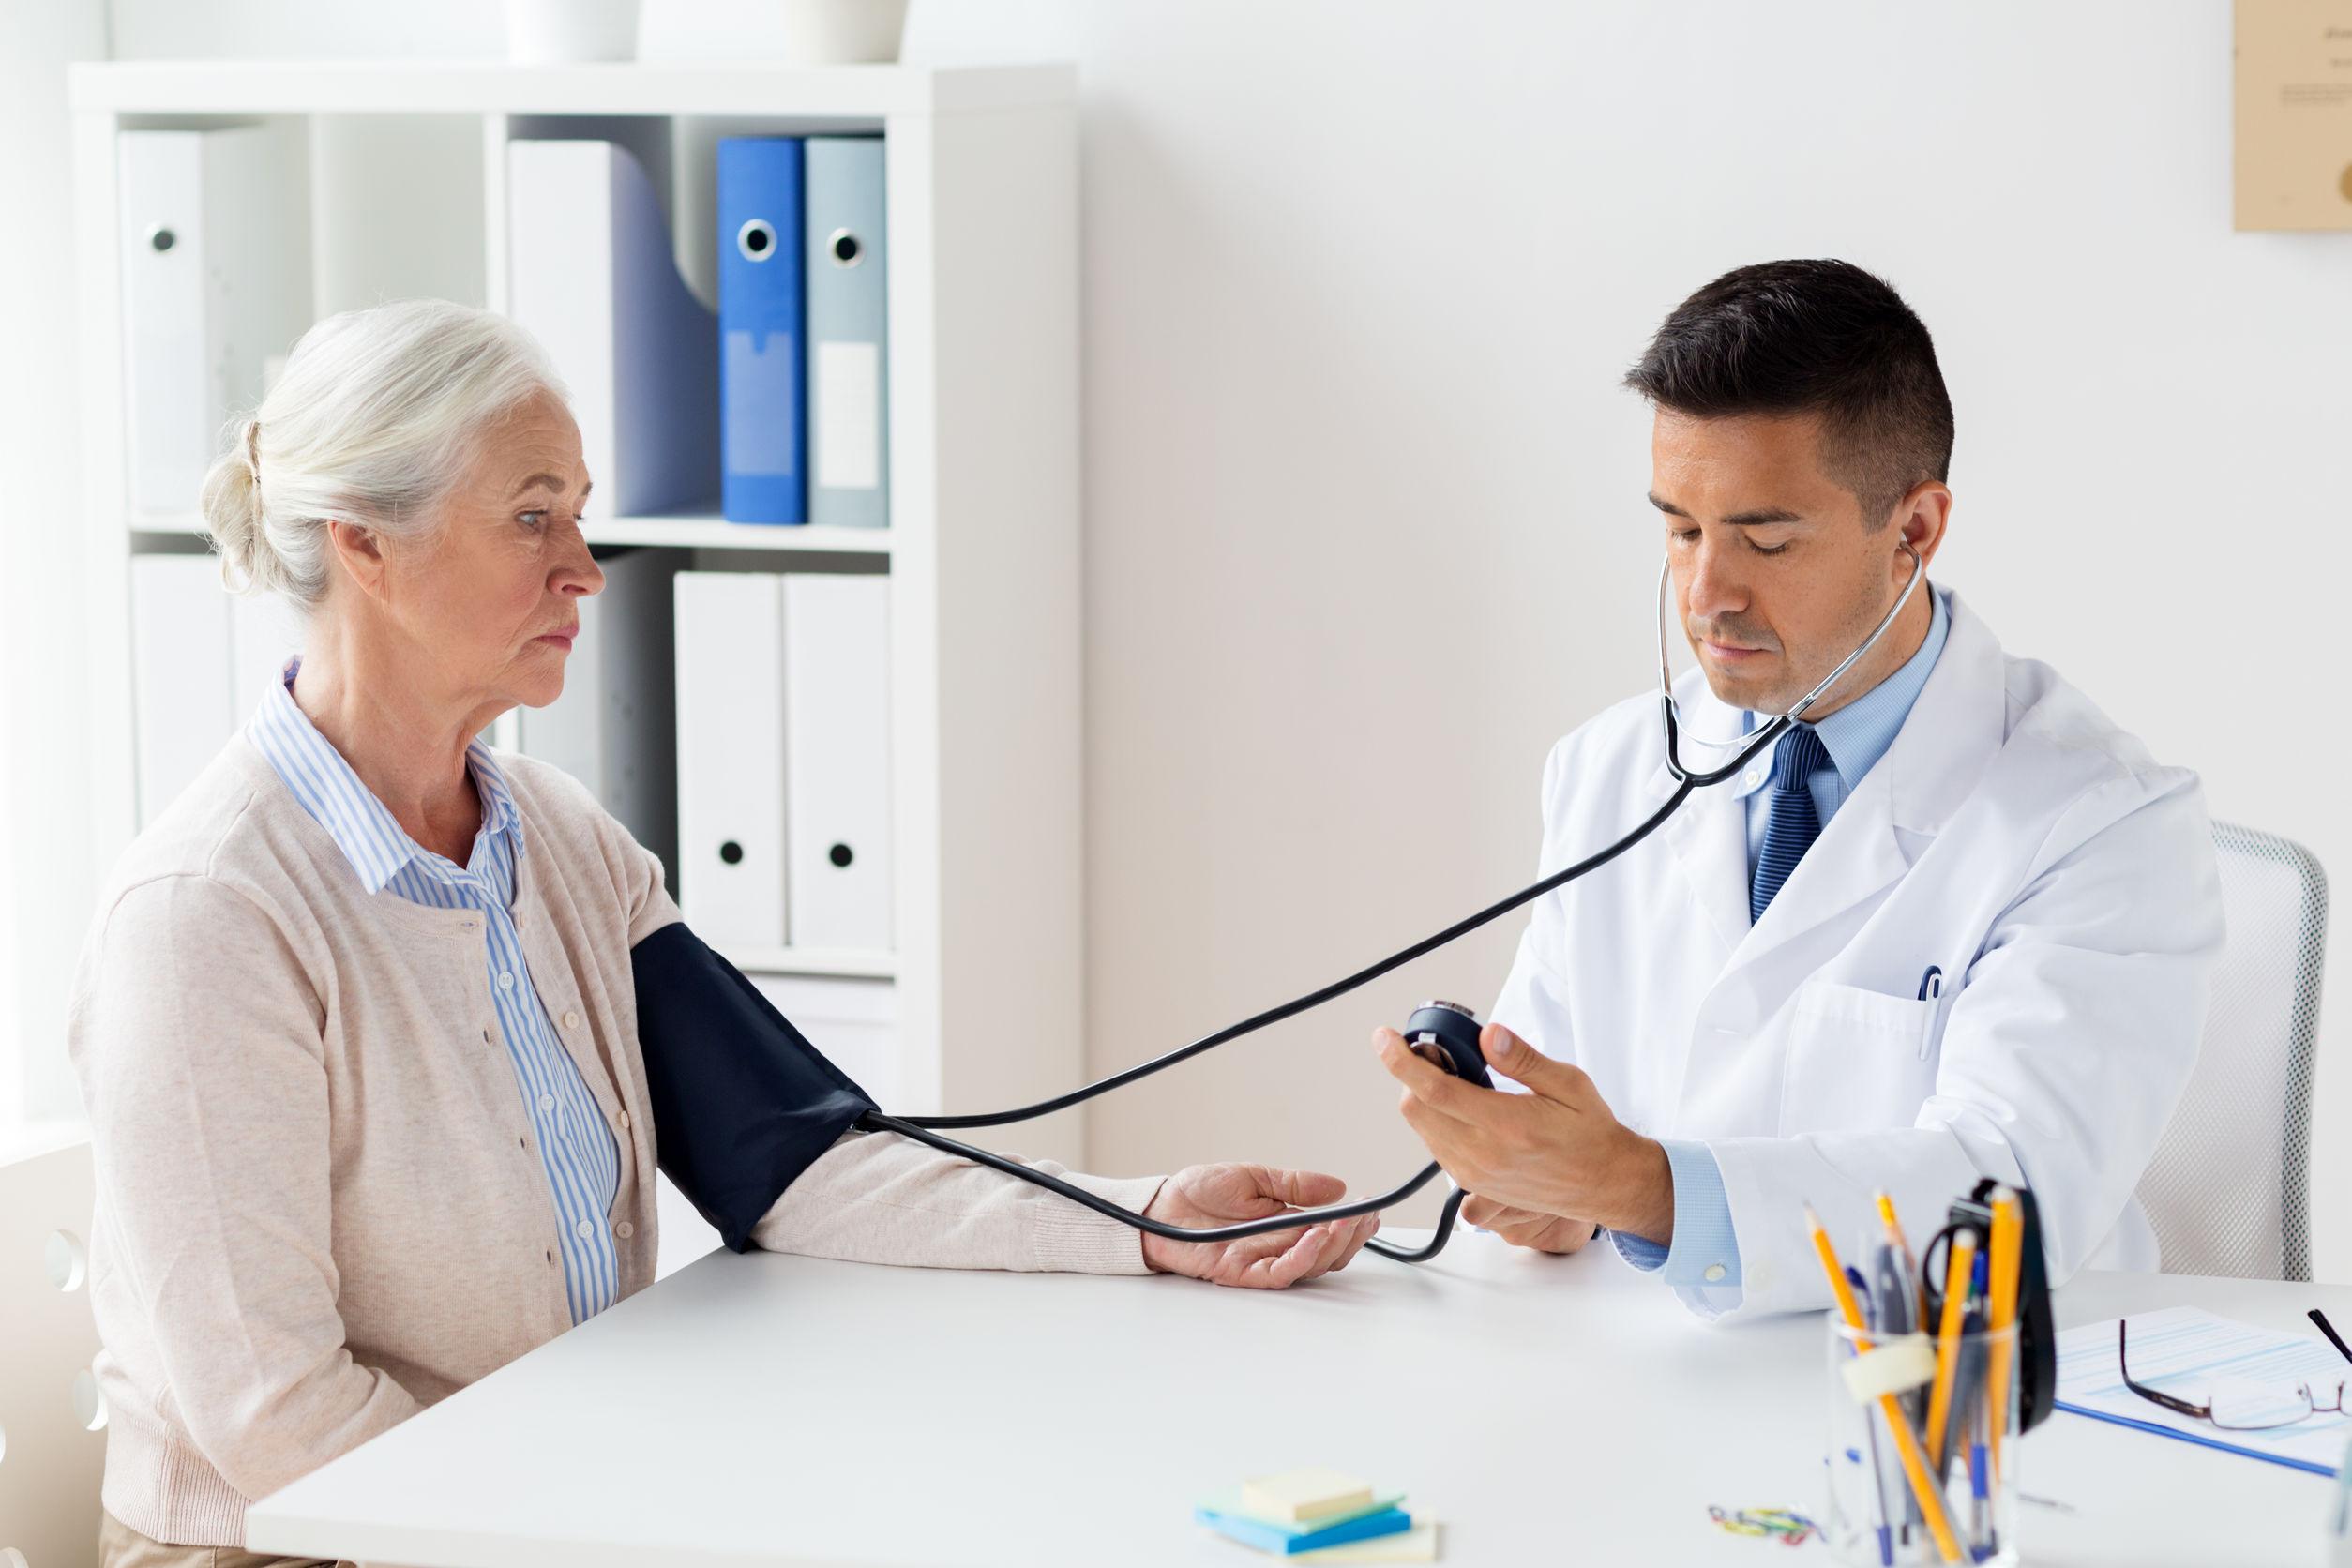 hogyan kell kezelni a 2 stádiumú magas vérnyomást magas vérnyomás elleni gyógyszerek krízishez